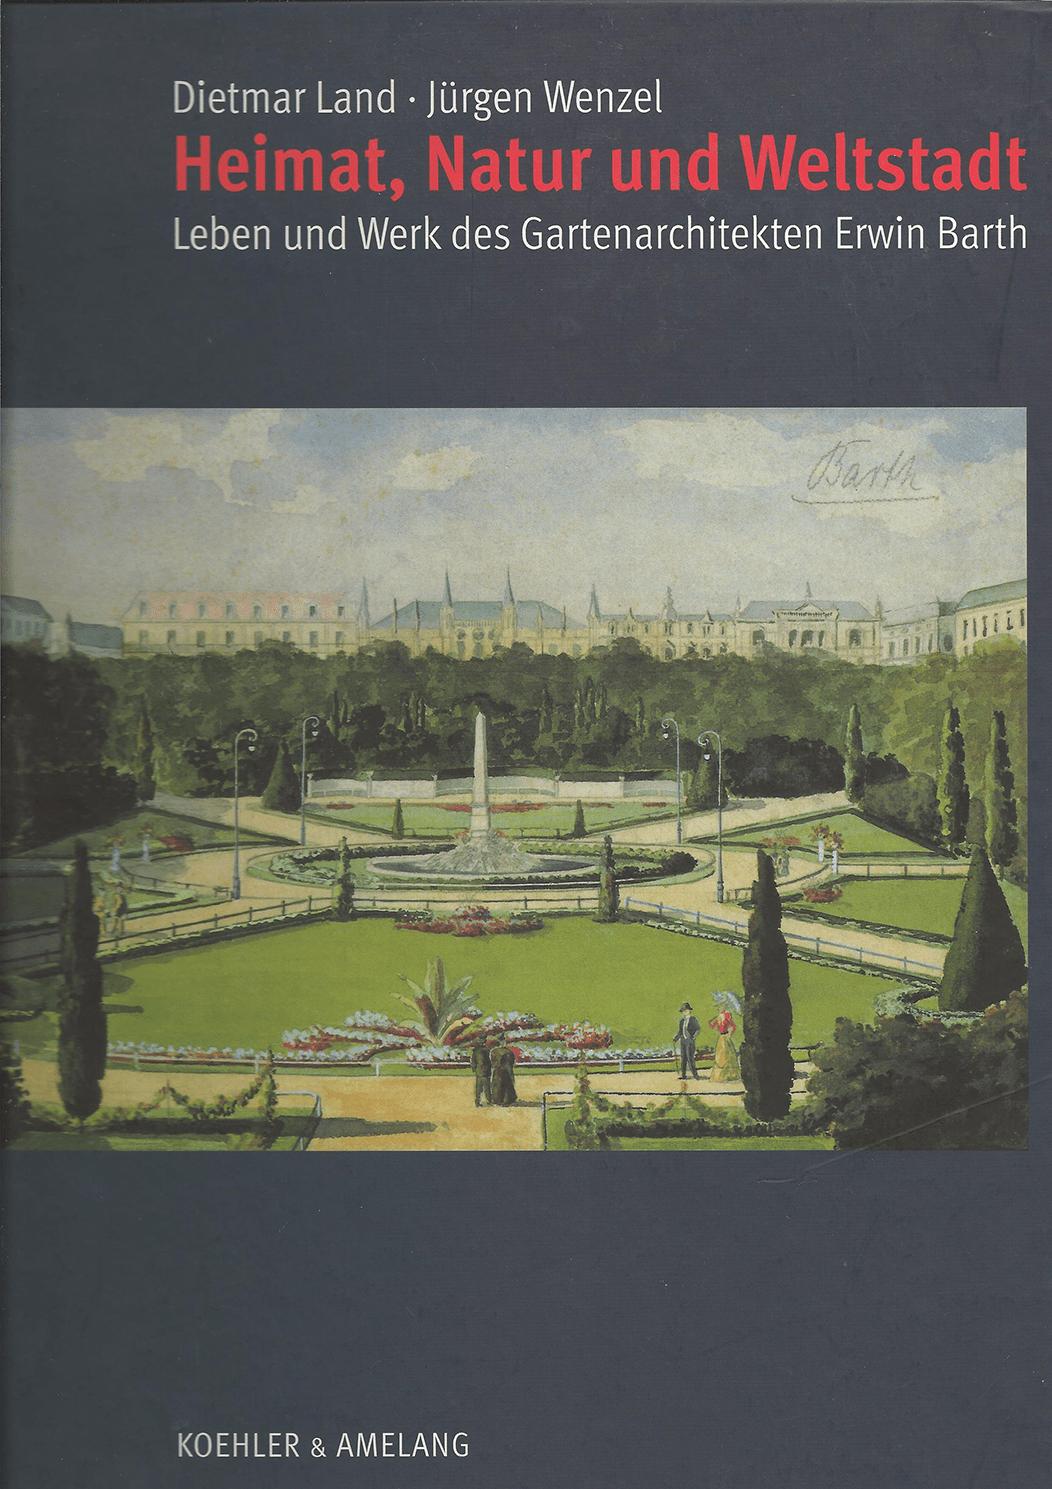 Buchveröffentlichung 2005